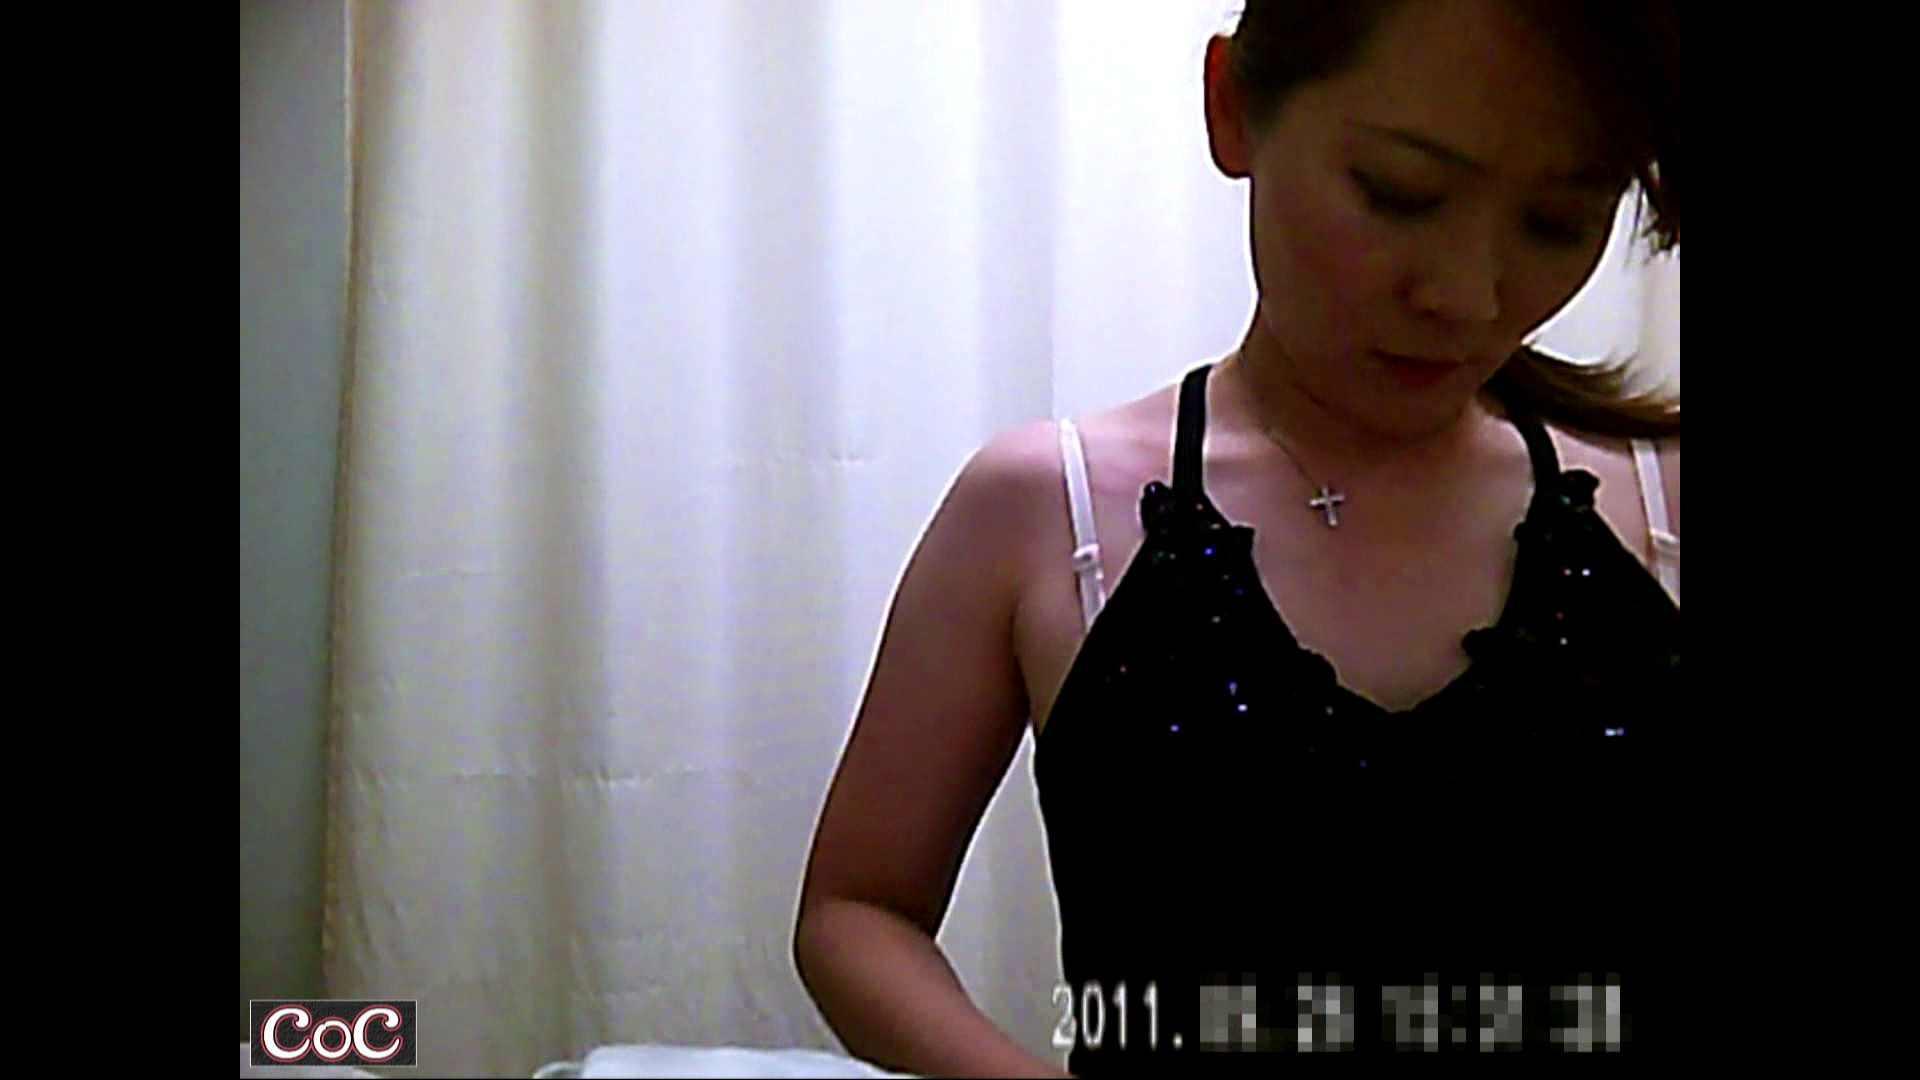 病院おもいっきり着替え! vol.35 盗撮 アダルト動画キャプチャ 103PICs 94